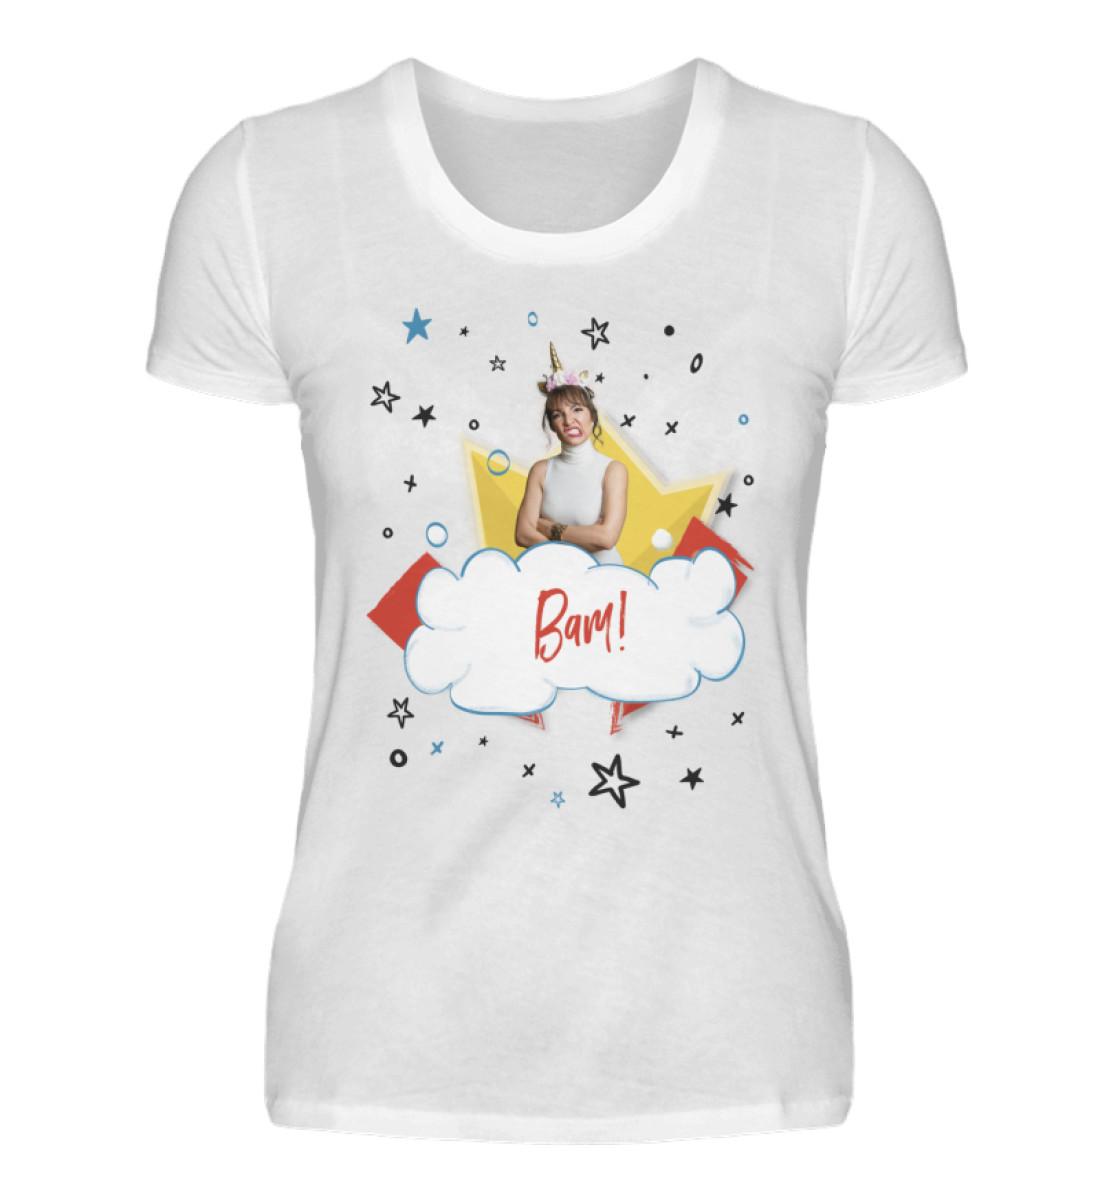 Bam! - Follow Marnie Fan-Shirt - Deutsch - Damenshirt-3